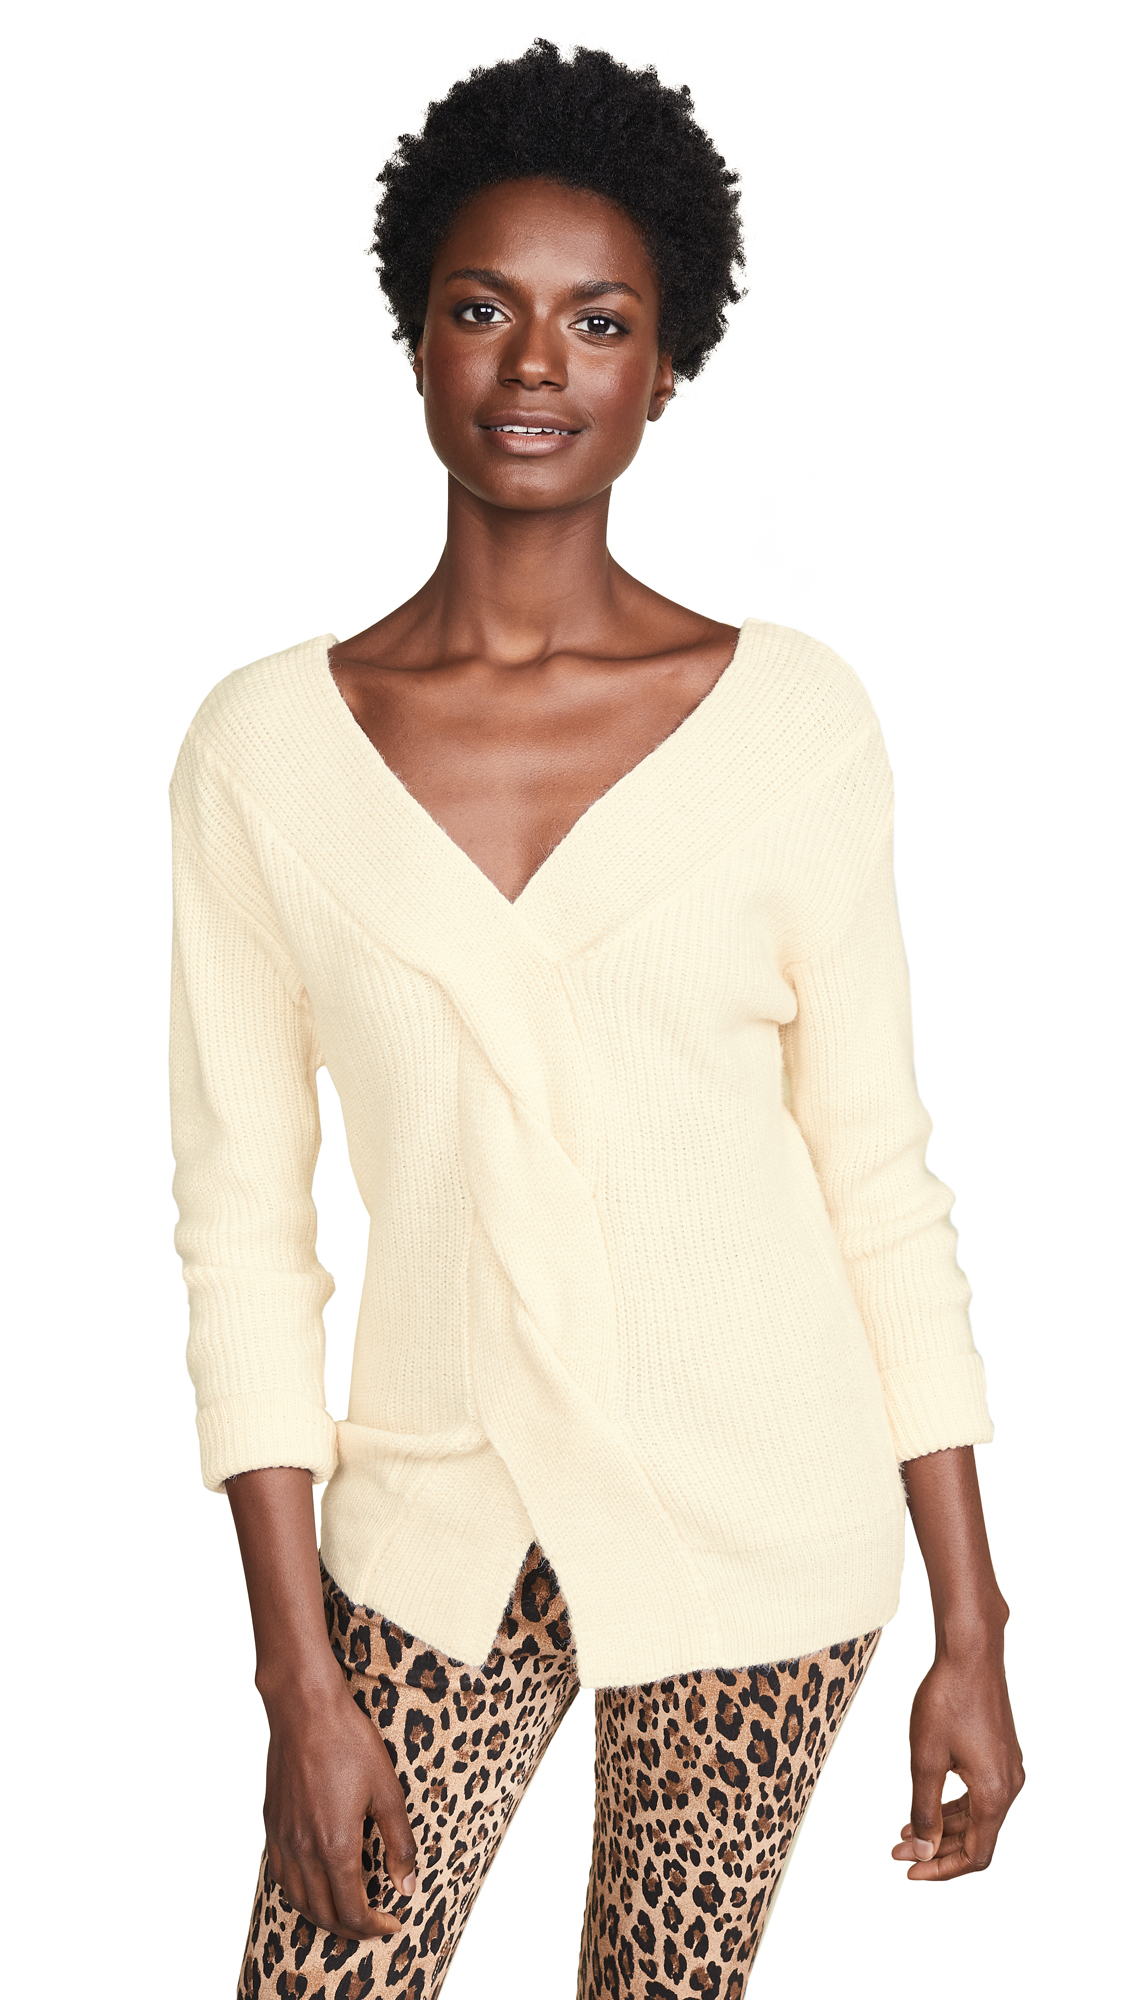 JOA Braid Sweater in Ivory